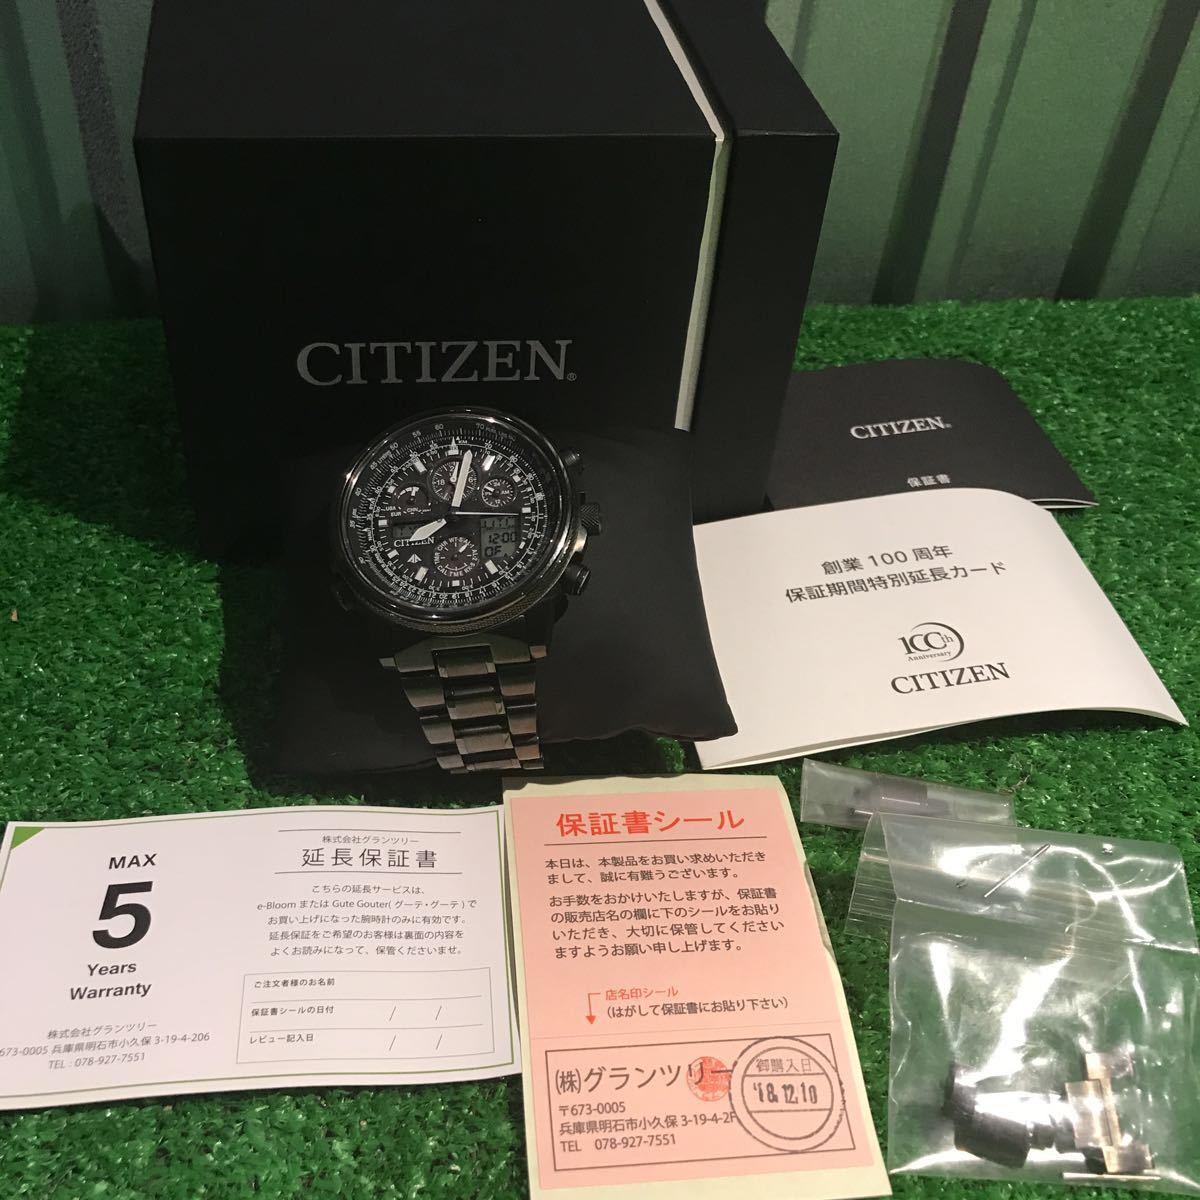 新品同様1円~ 試着程度 シチズン U680-T019692 プロマスター チタン ソーラー 電波時計 アナデジ メンズ腕時計 60サイズ (62)_画像2